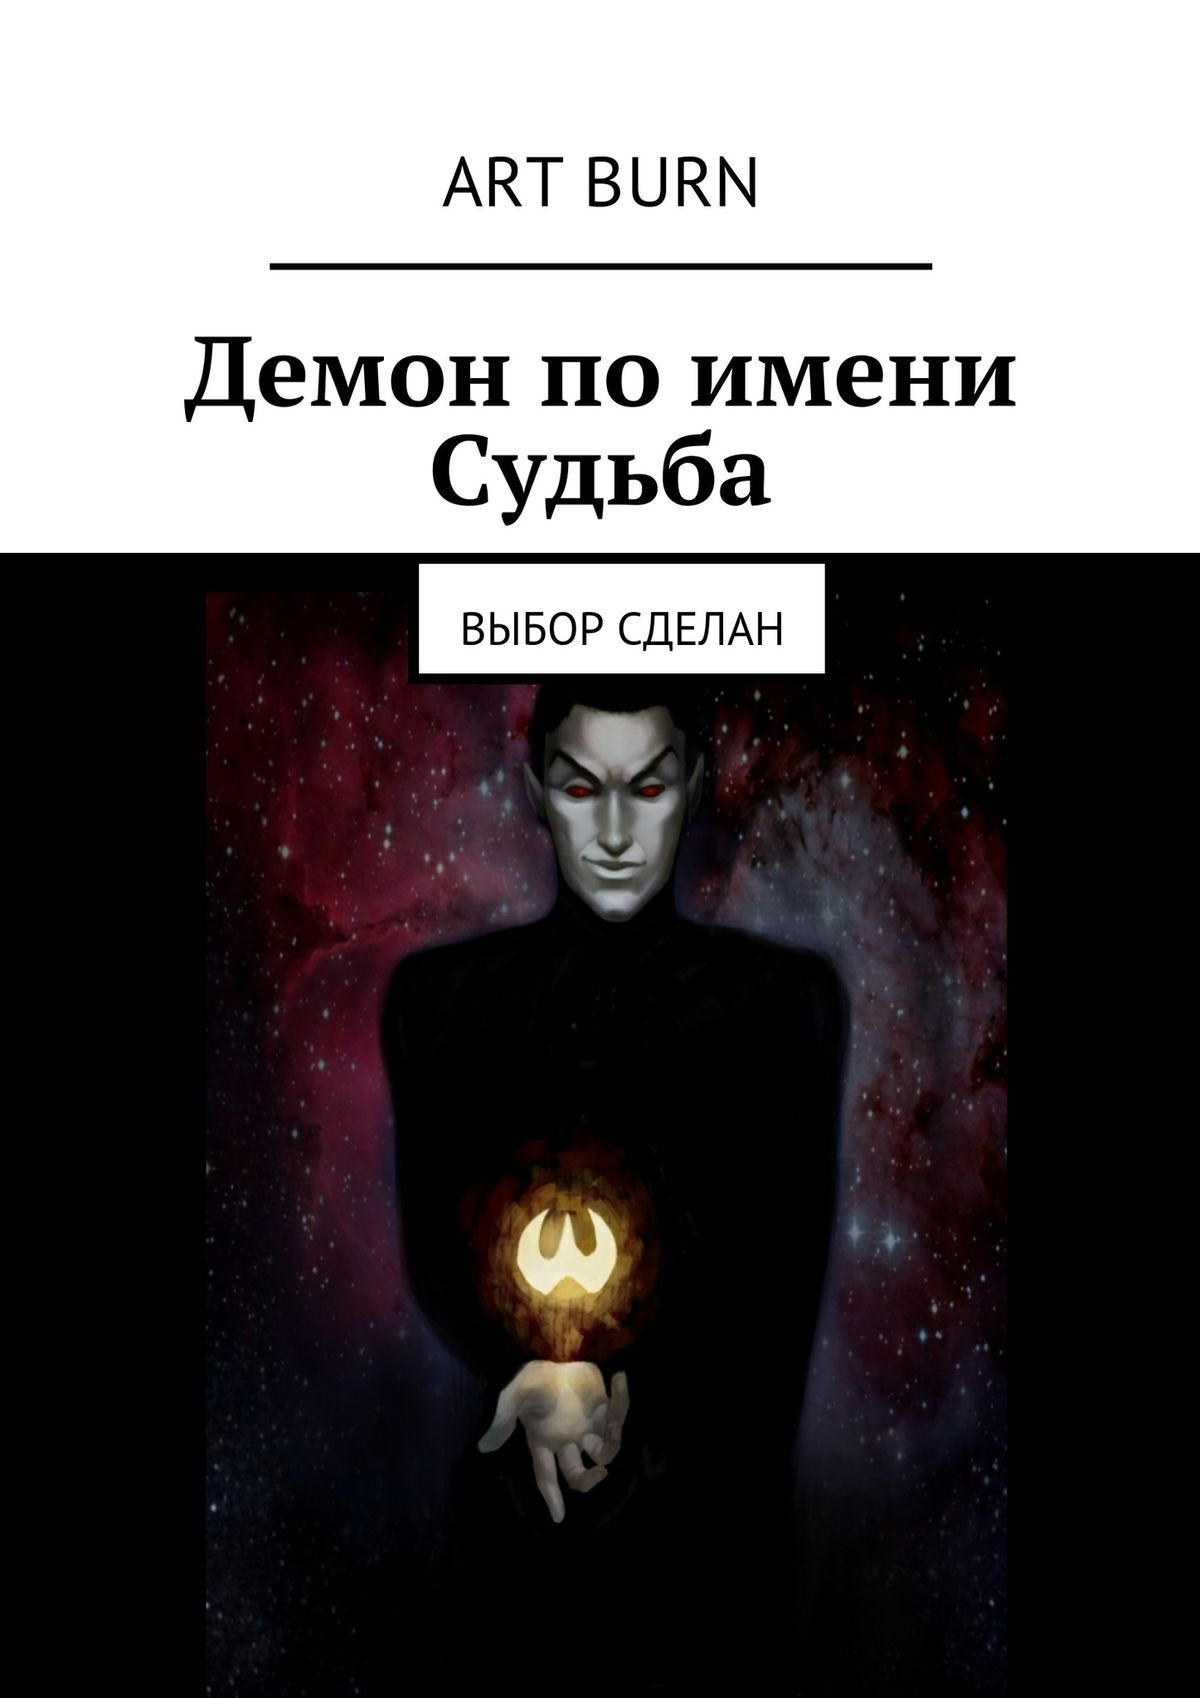 а ермолов официальный сайт композитора